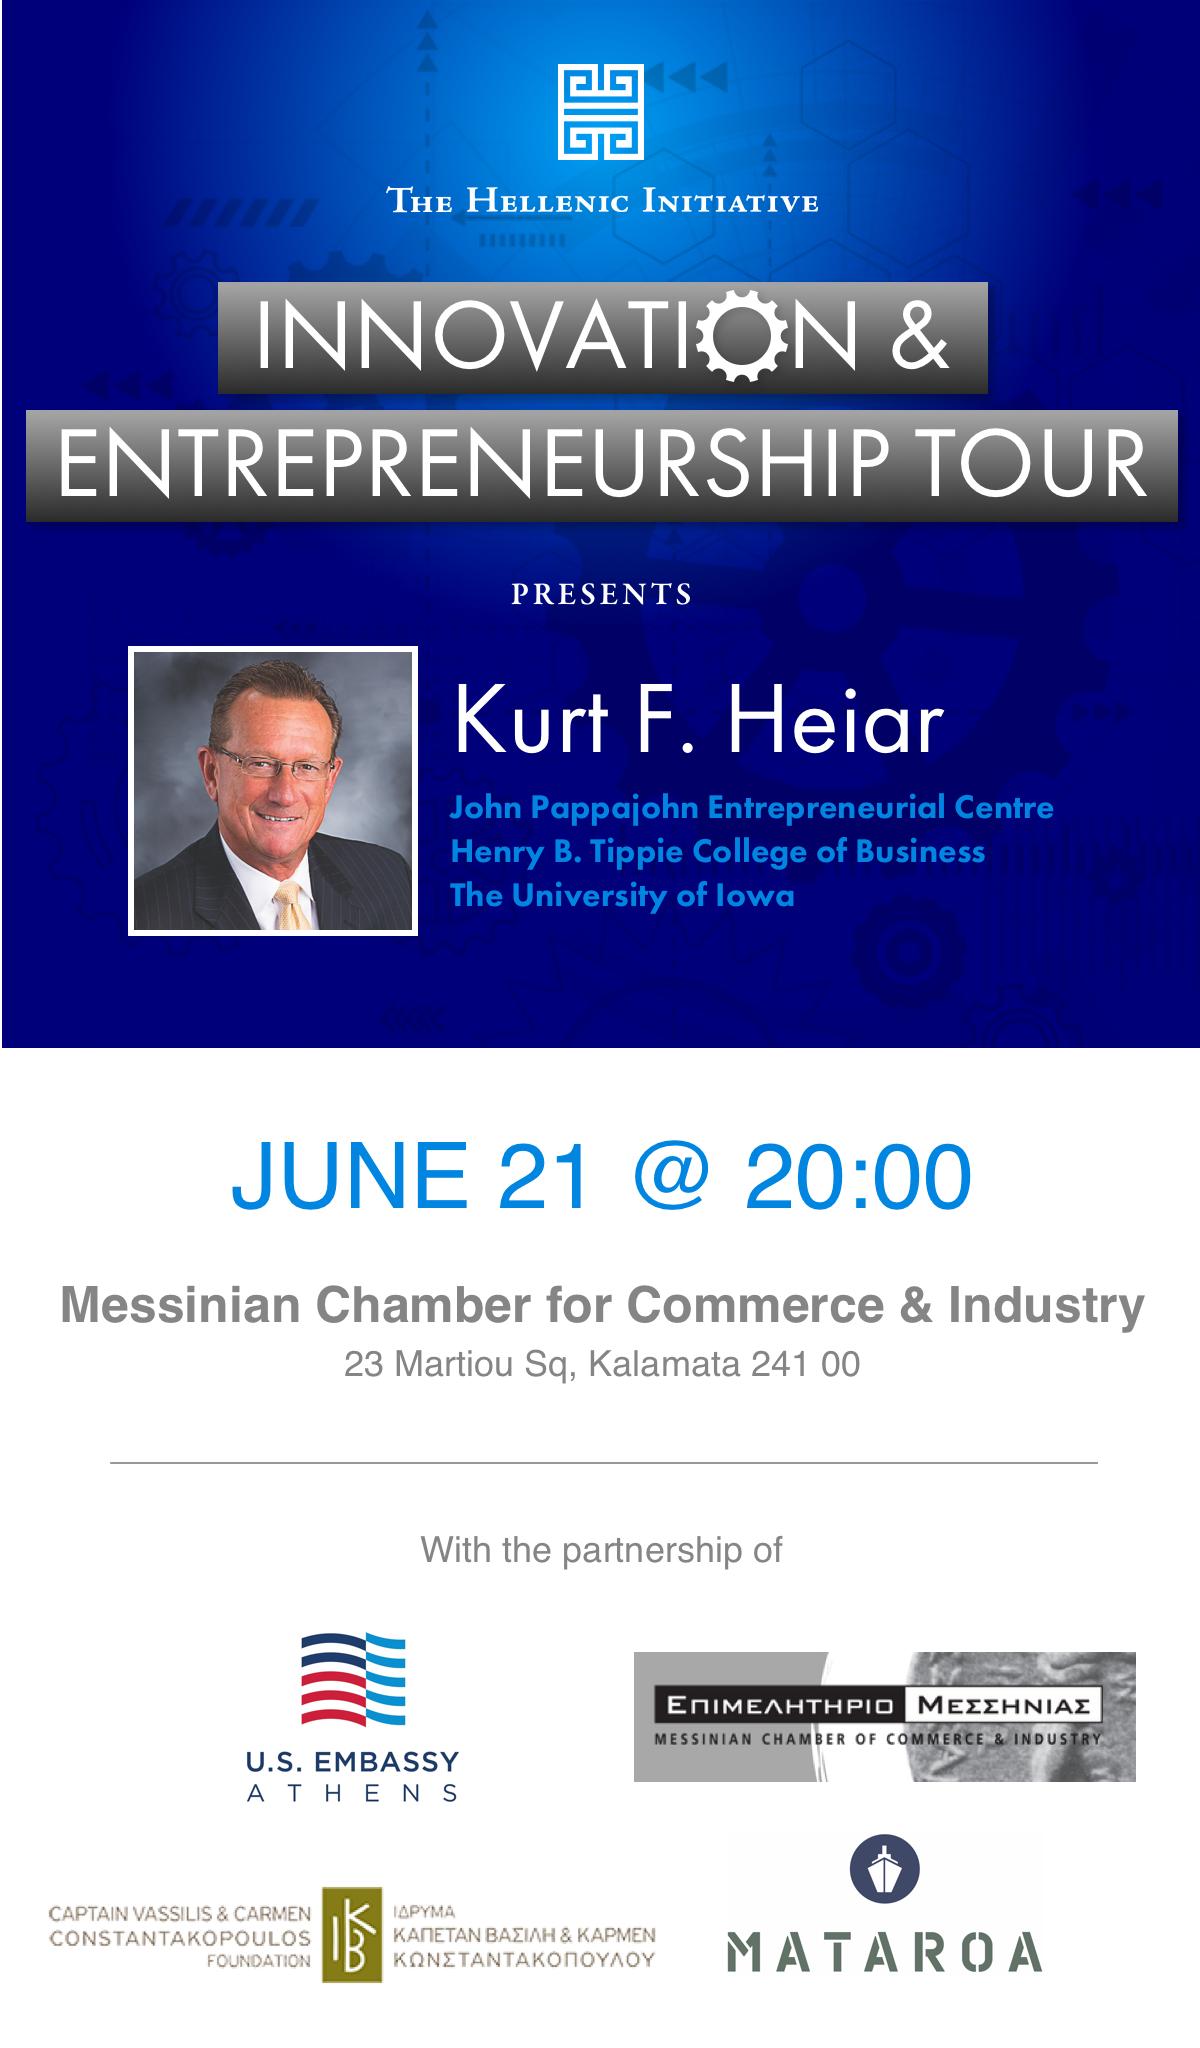 Ανοικτή εκδήλωση για την επιχειρηματικότητα στις 21/6 στην Καλαμάτα